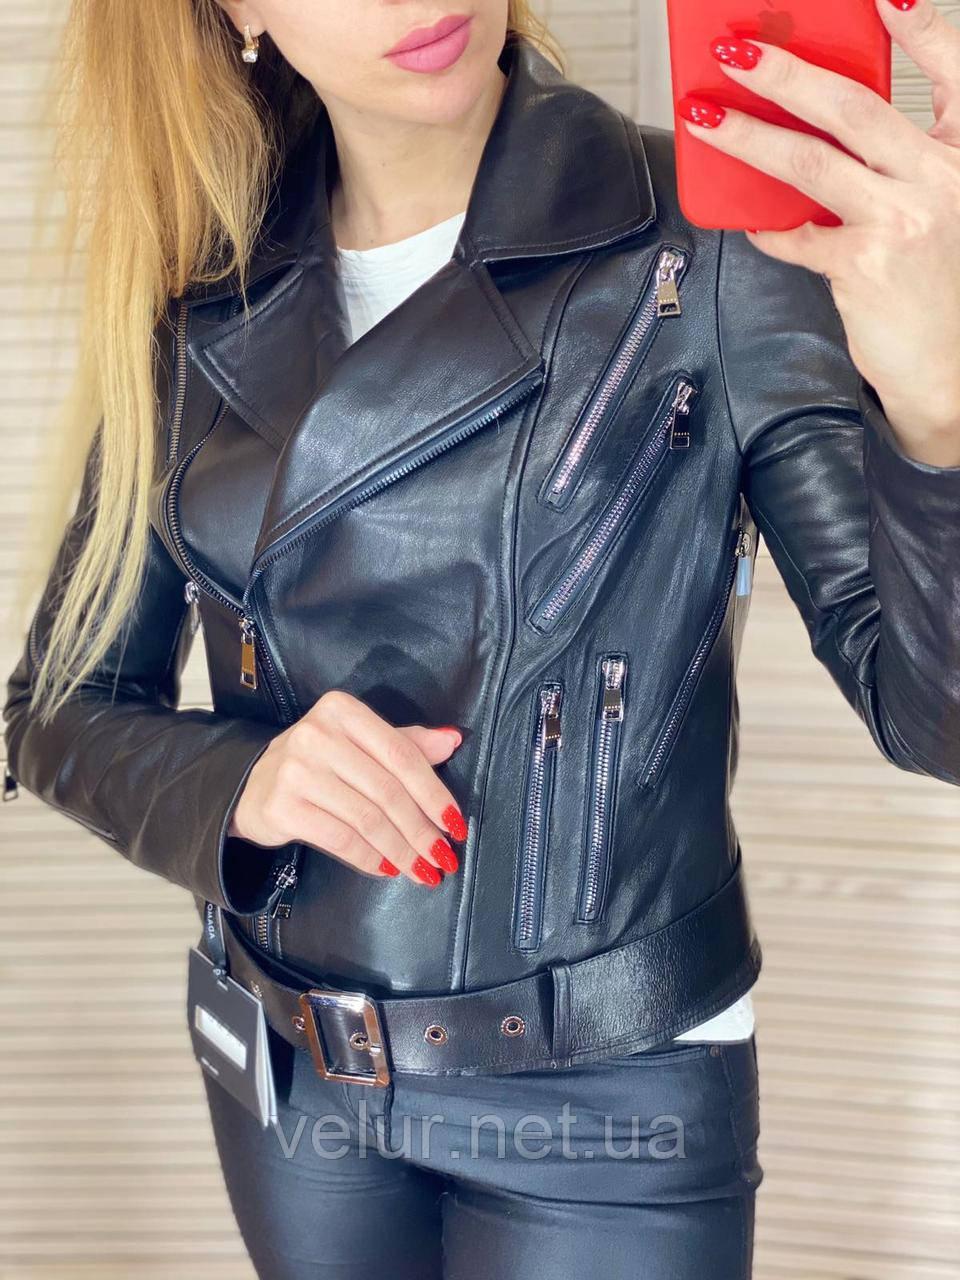 Куртка жіноча натуральна *ADAMO*, шкіра теляча преміум, розмір С,М,Л,ХЛ,білий,чорний колір